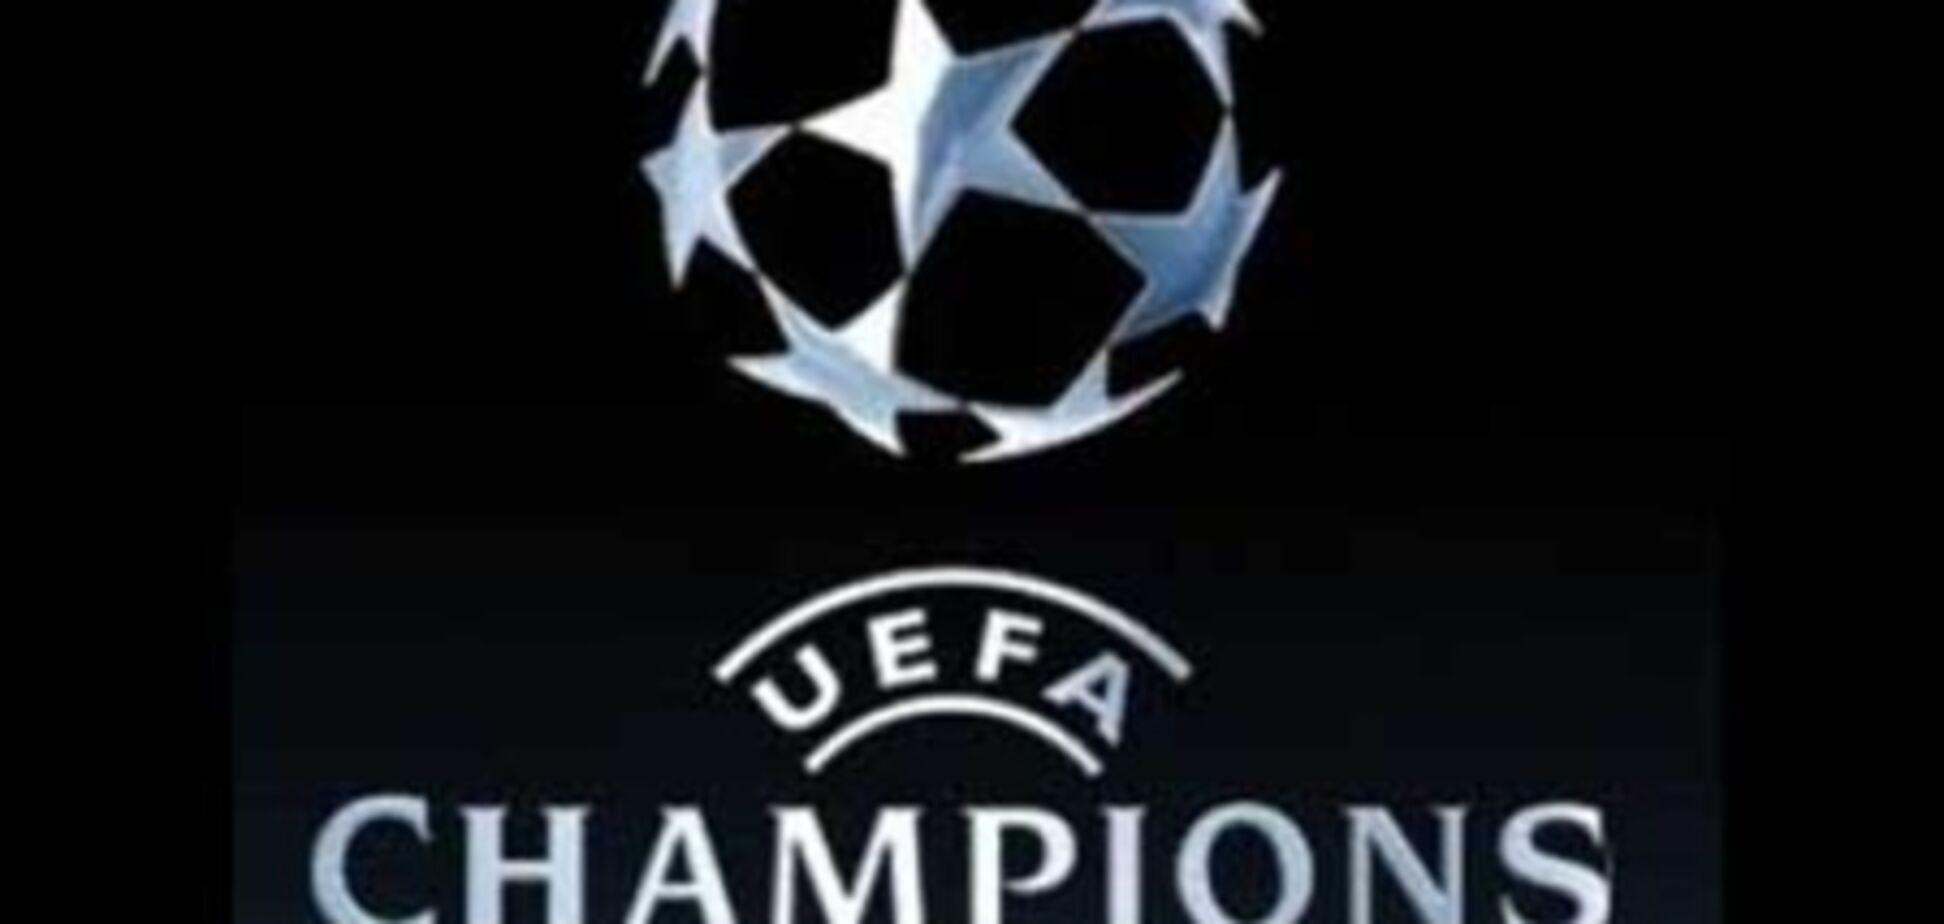 Состоялись матчи среды 3-го квалифайн раунда Лиги чемпионов